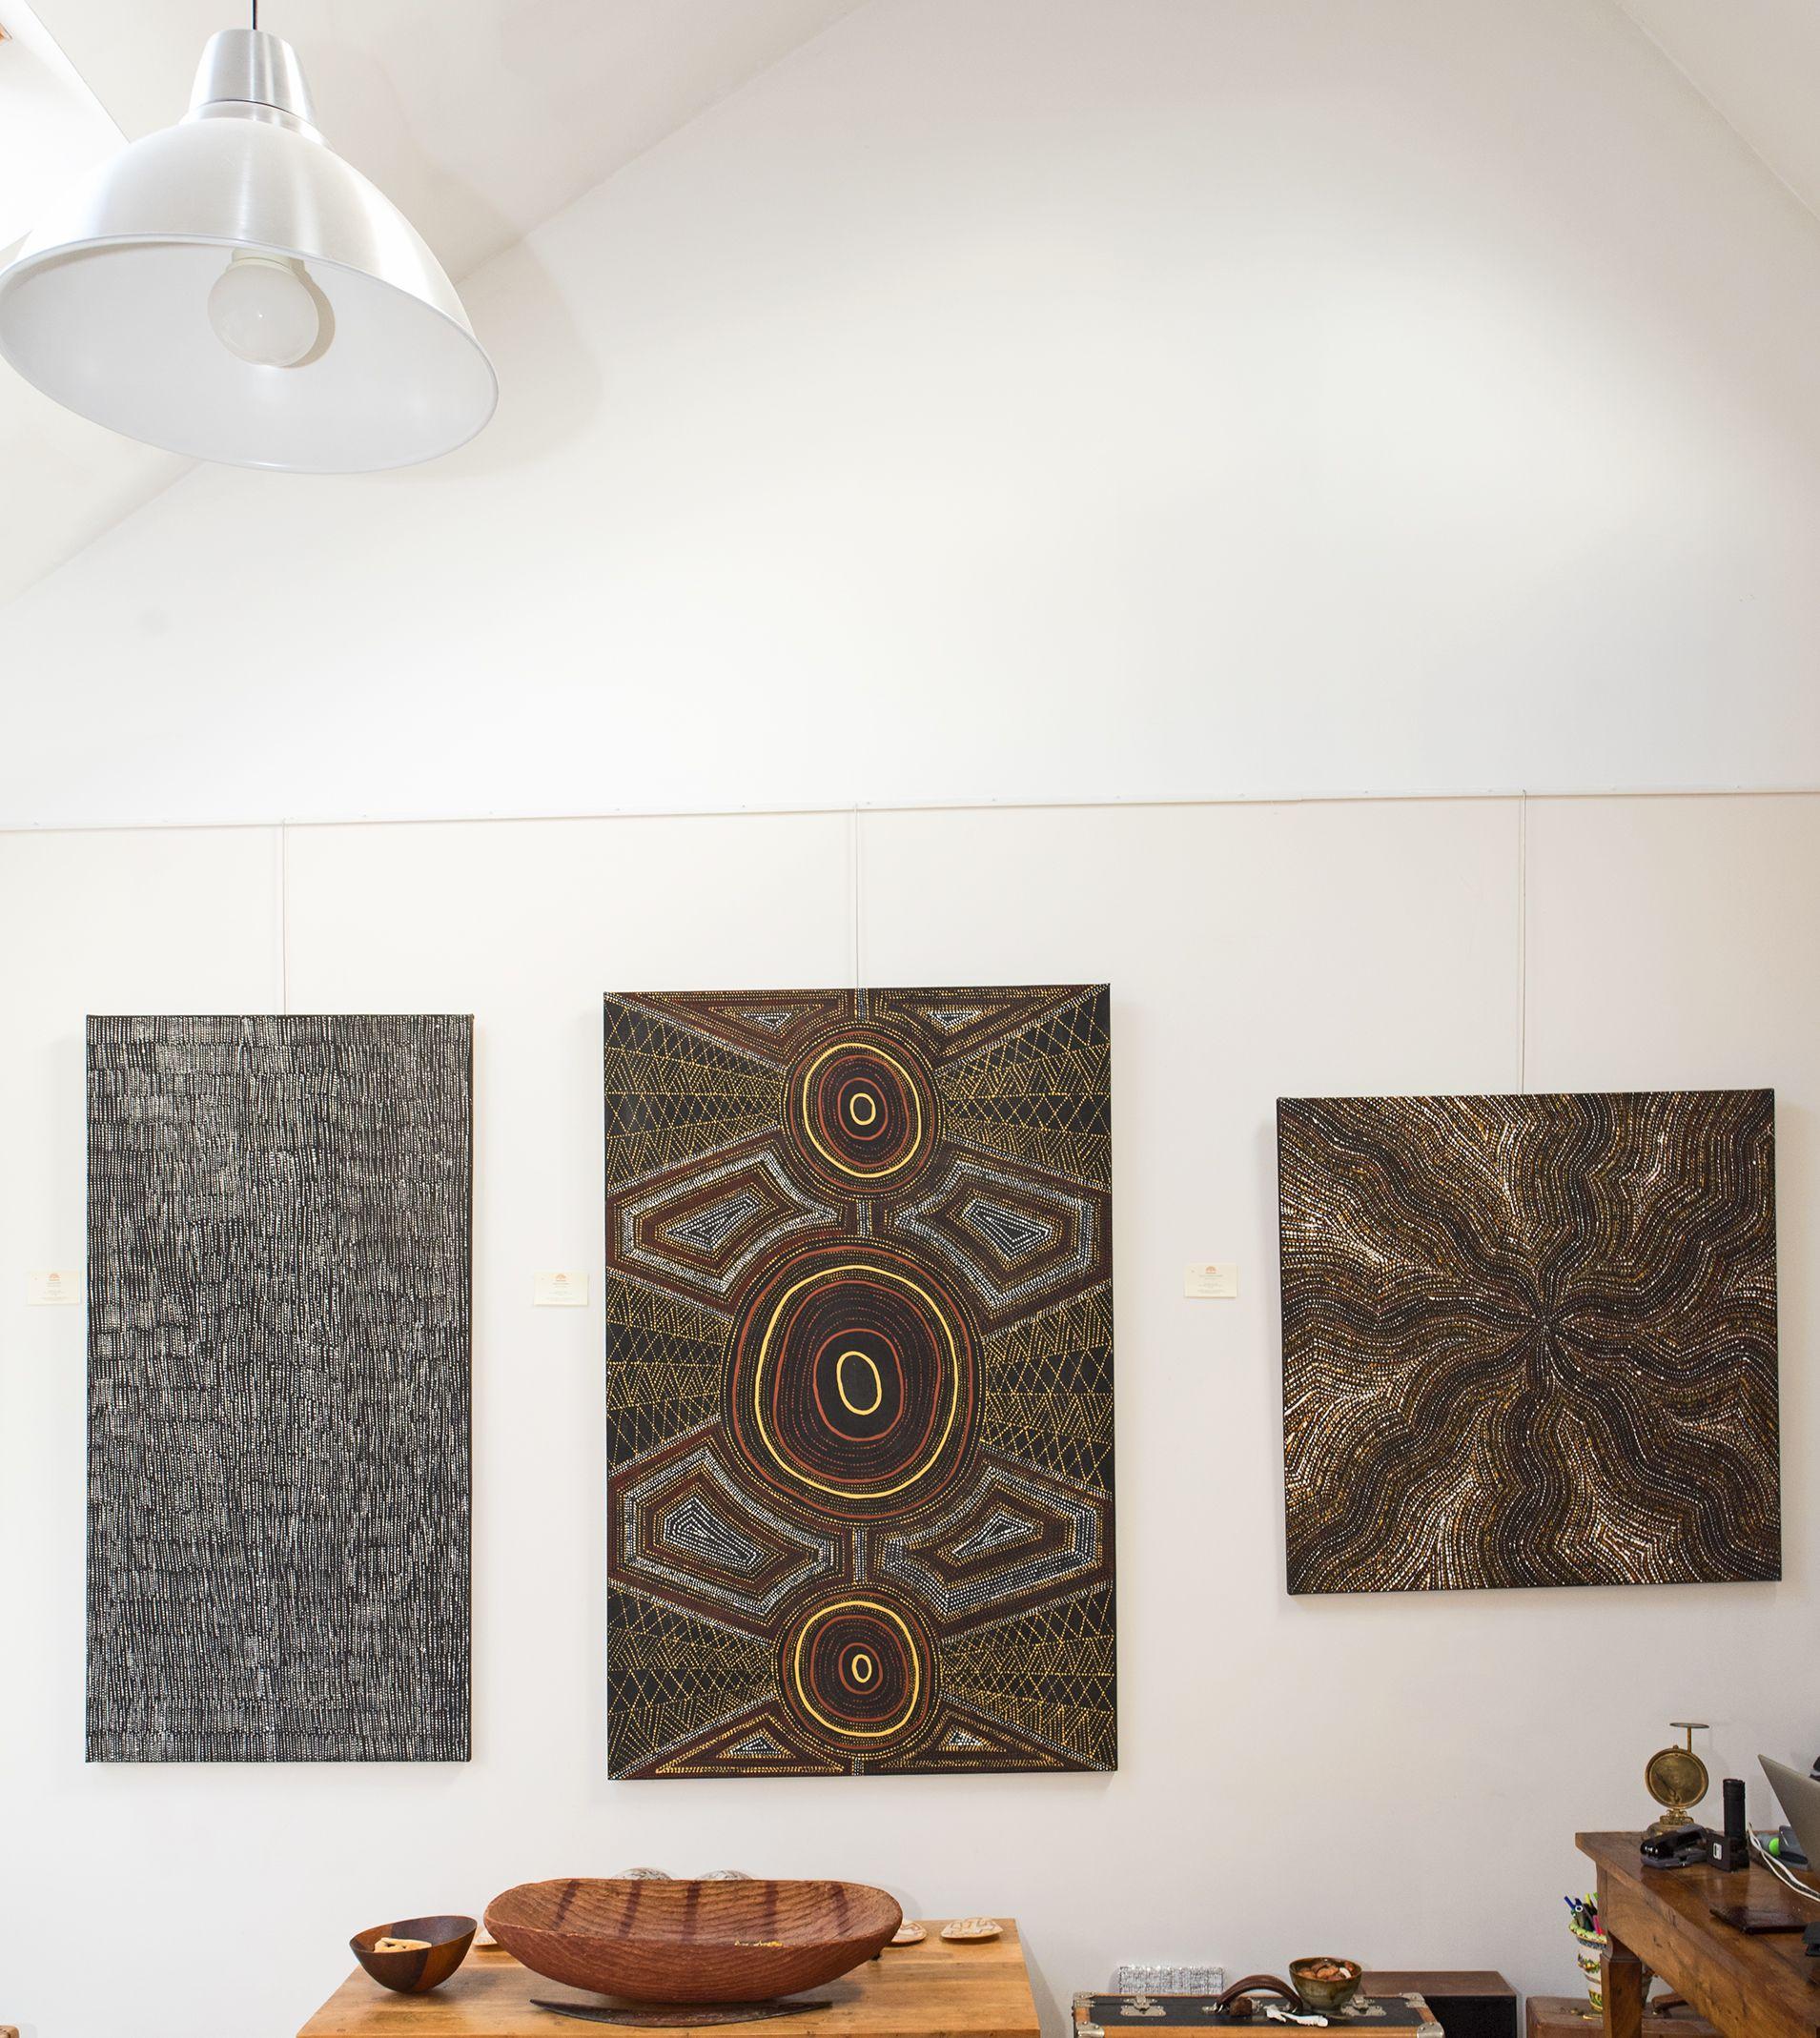 Vue de l'exposition d'art Aborigène Gems in a Patchwork jusqu'au 16 décembre à Bruxelles. © Photo : Aboriginal Signature gallery, with the courtesy of the artists and the art centres.